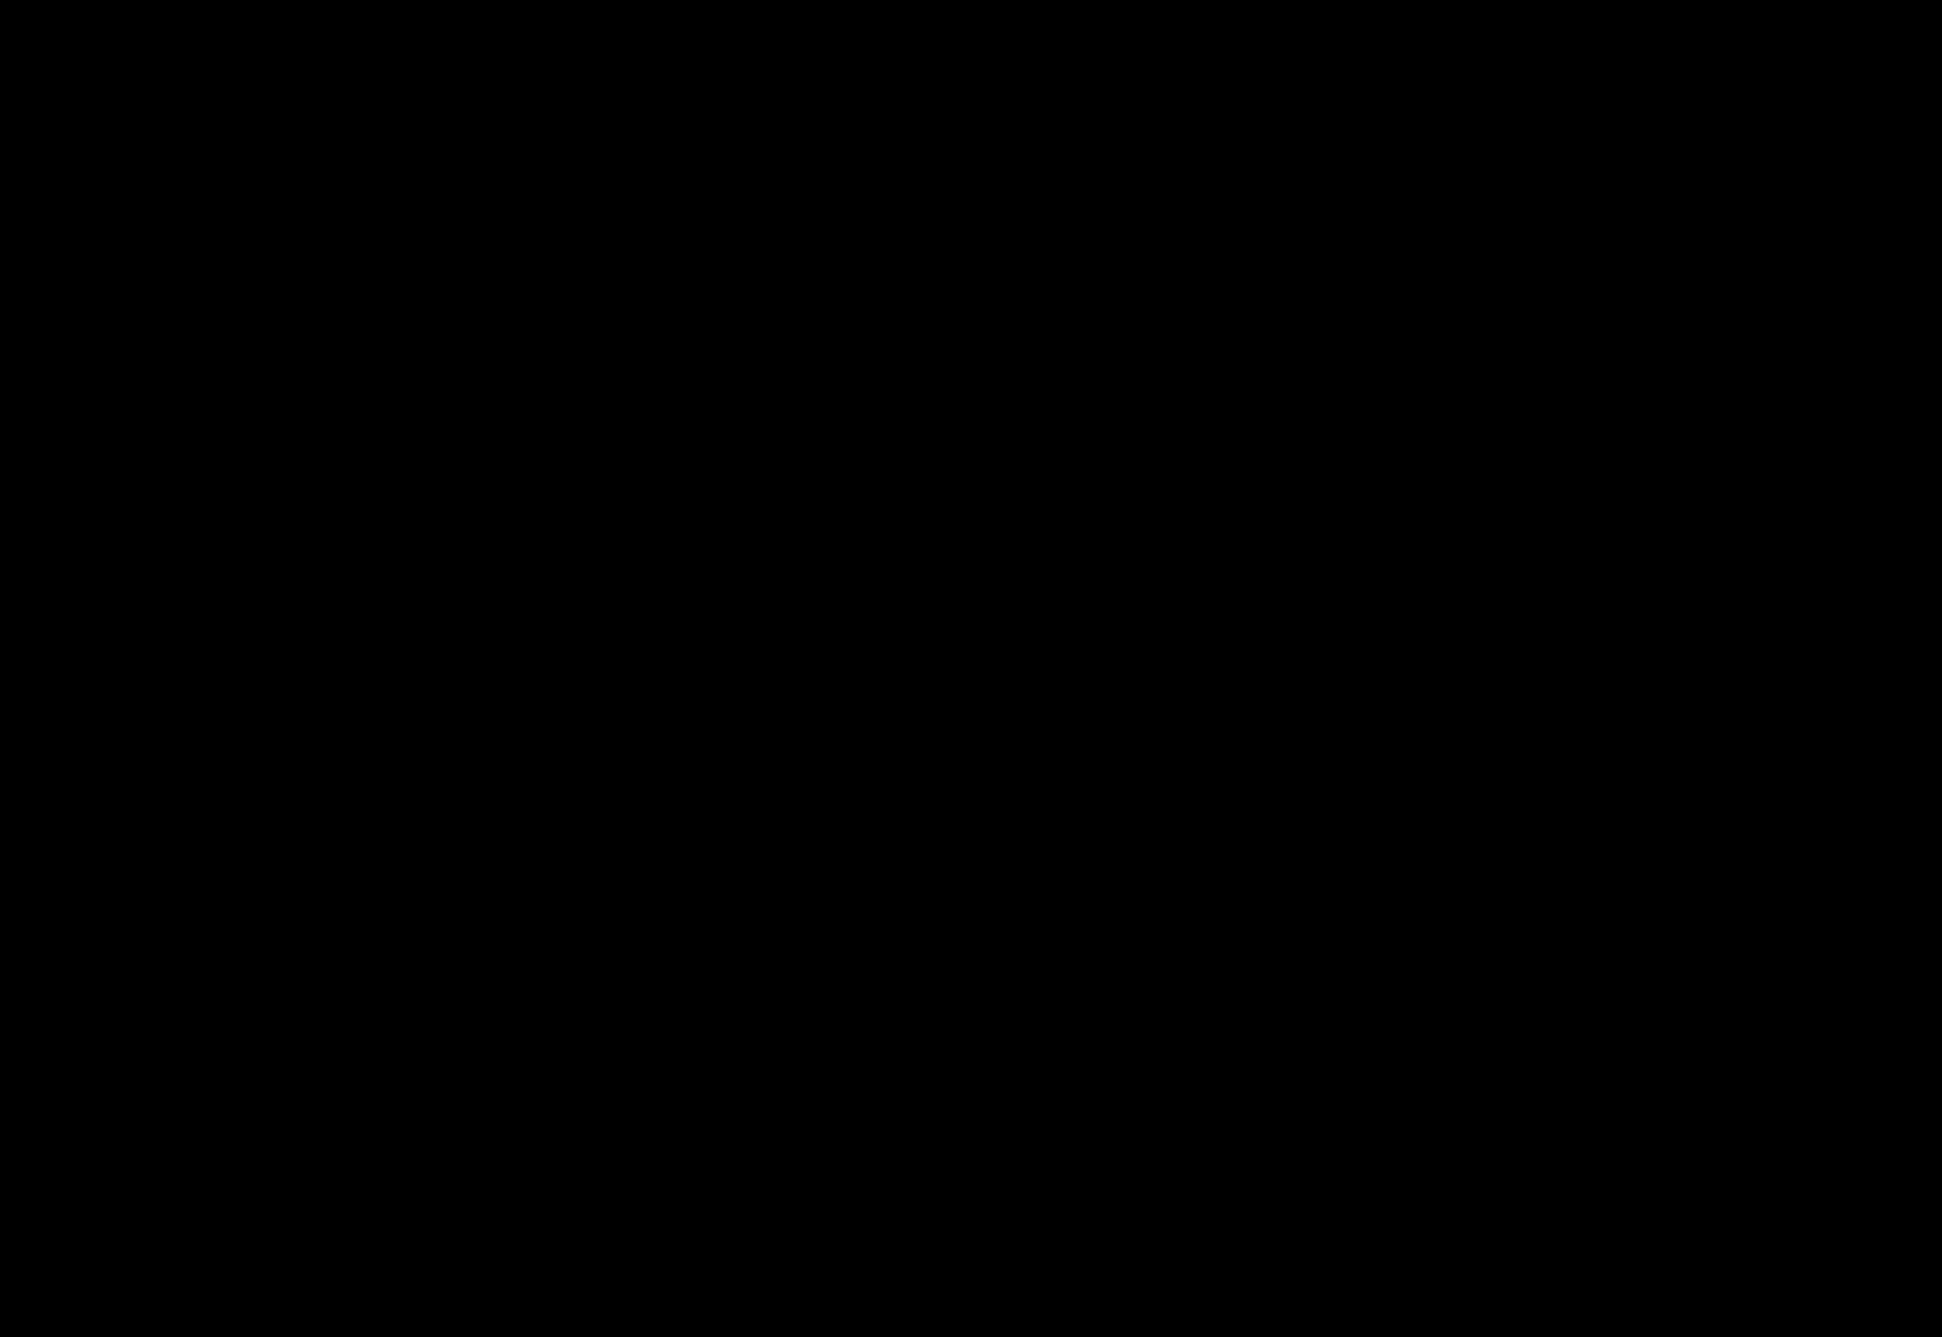 bysonnenschein